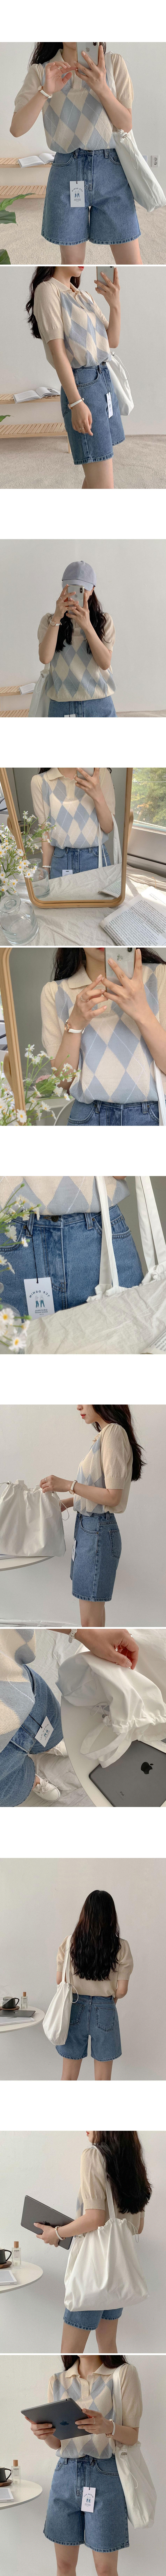 Picnic string bag